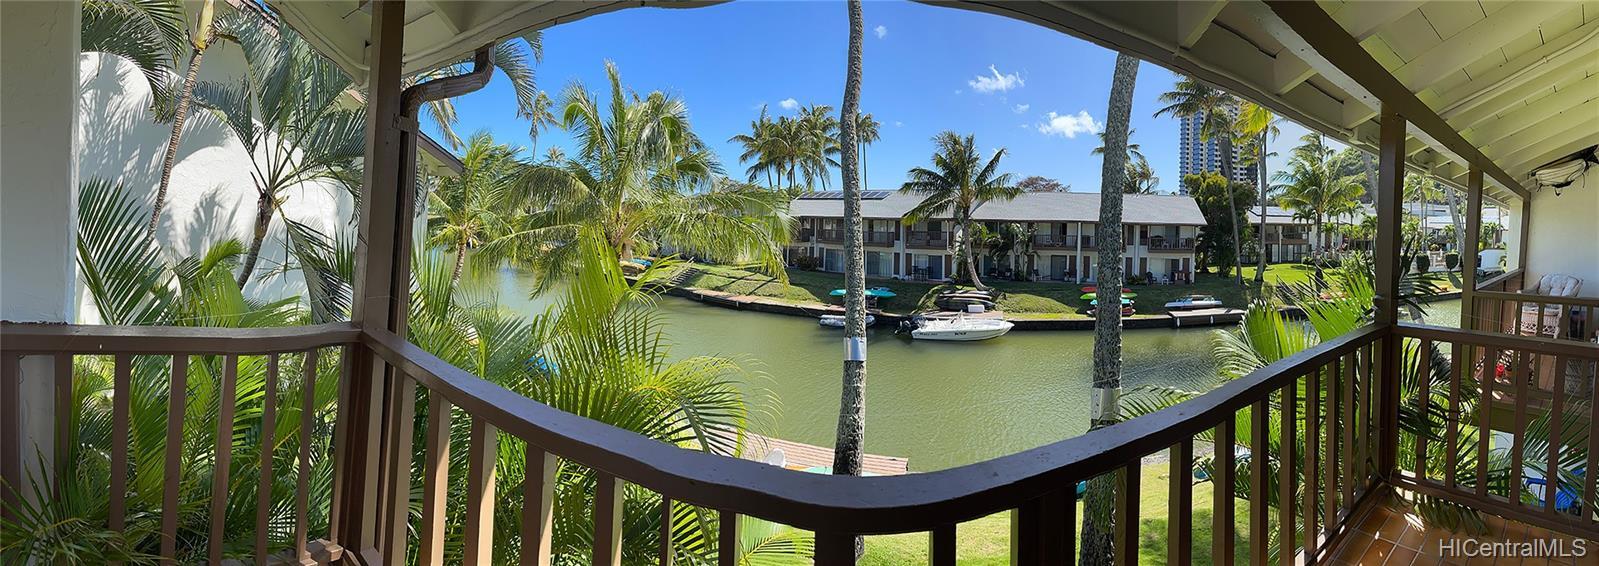 6221 Keokea Place townhouse # 134, Honolulu, Hawaii - photo 23 of 25